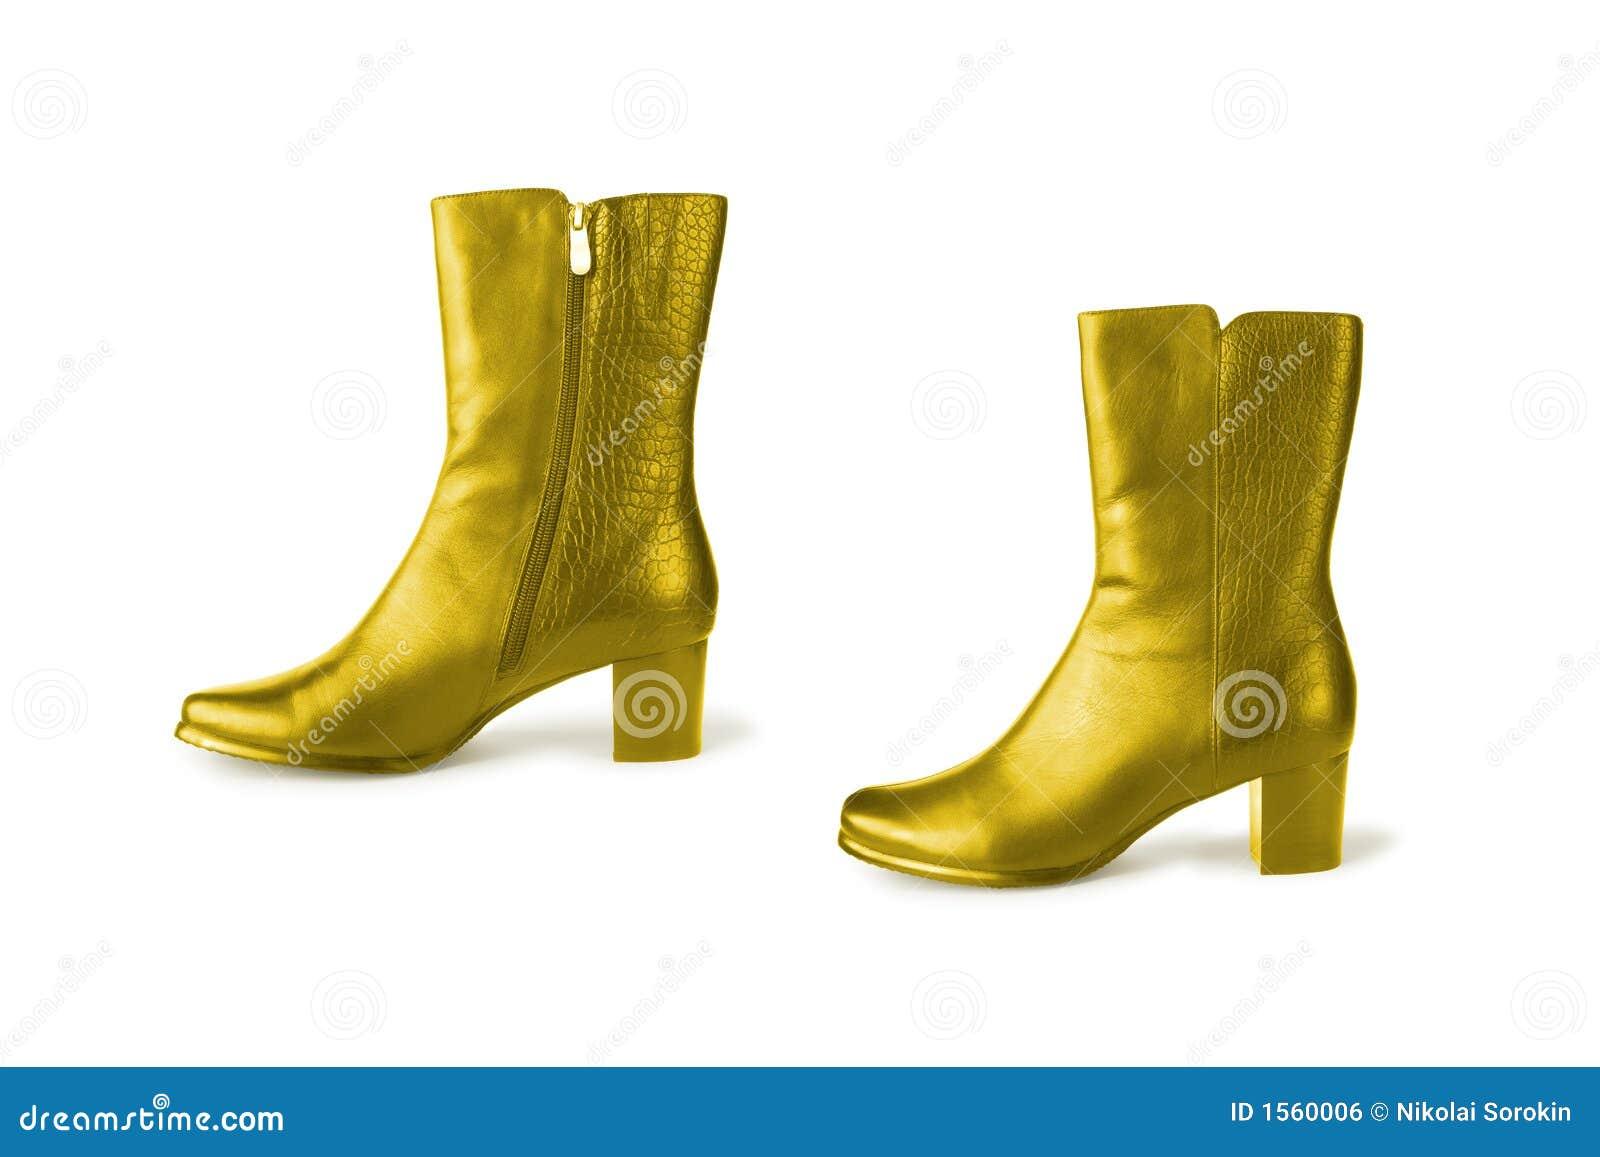 Golden boots